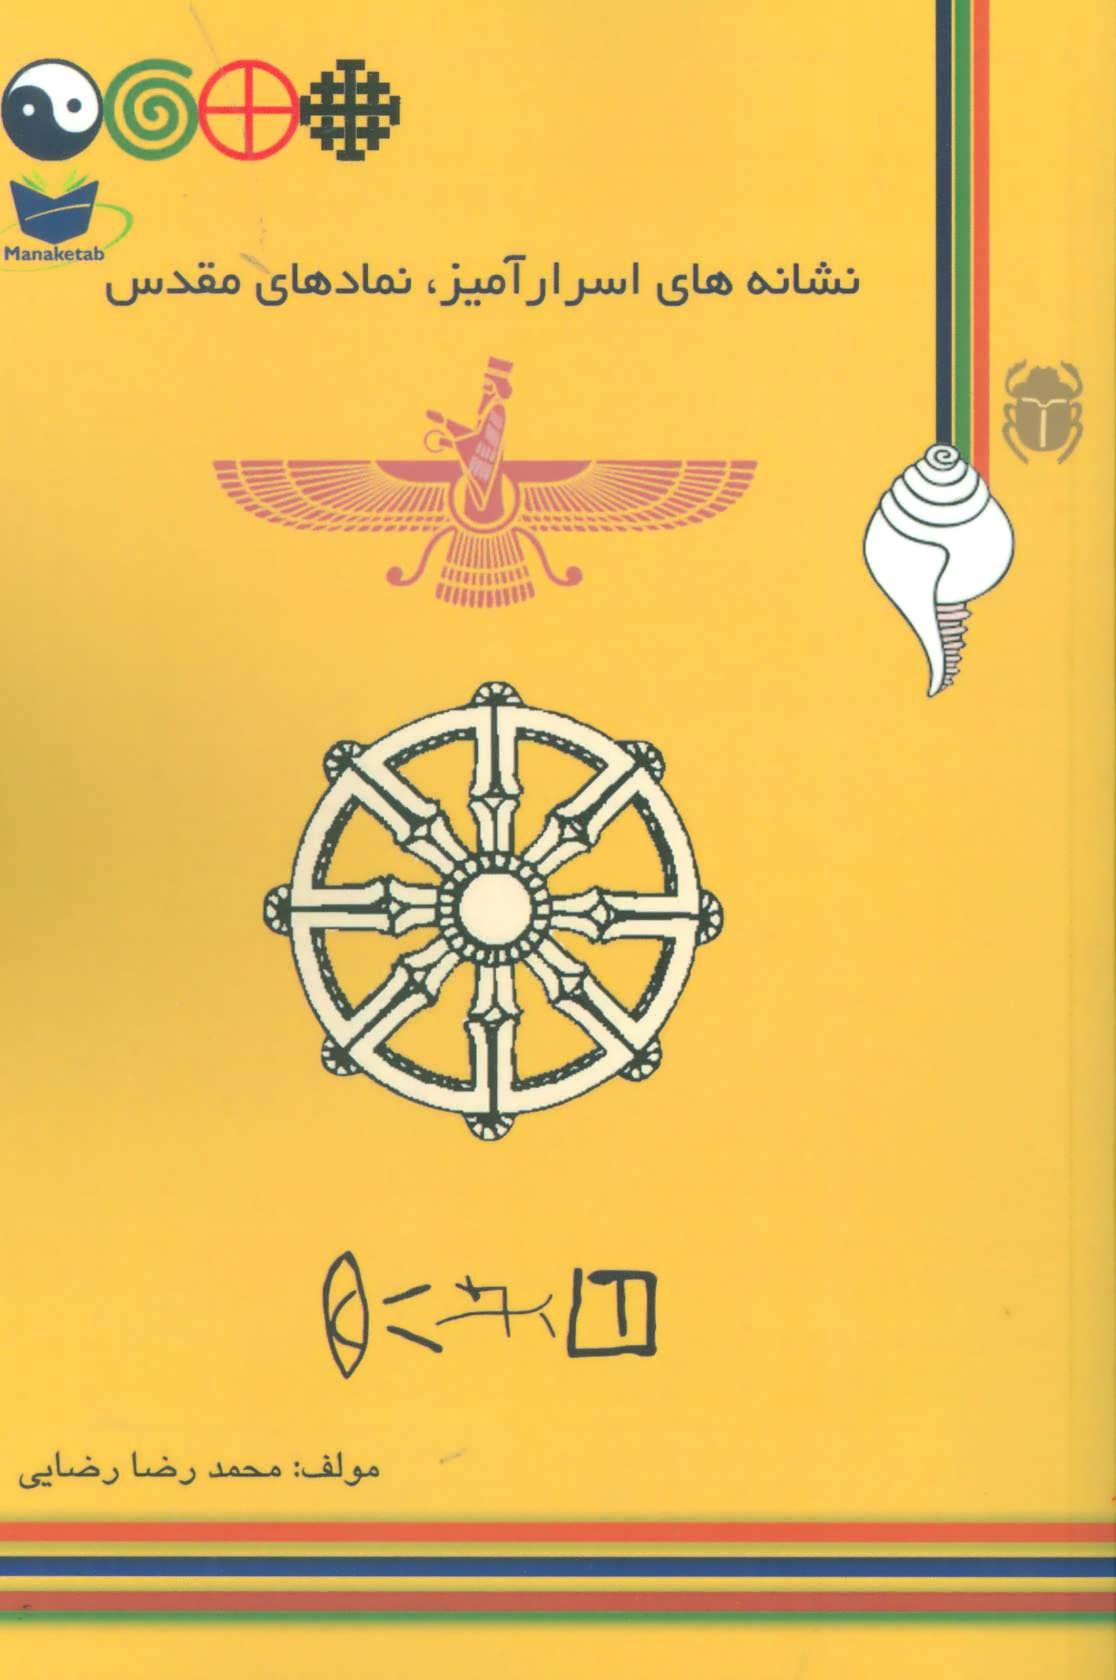 نشانه های اسرارآمیز،نمادهای مقدس